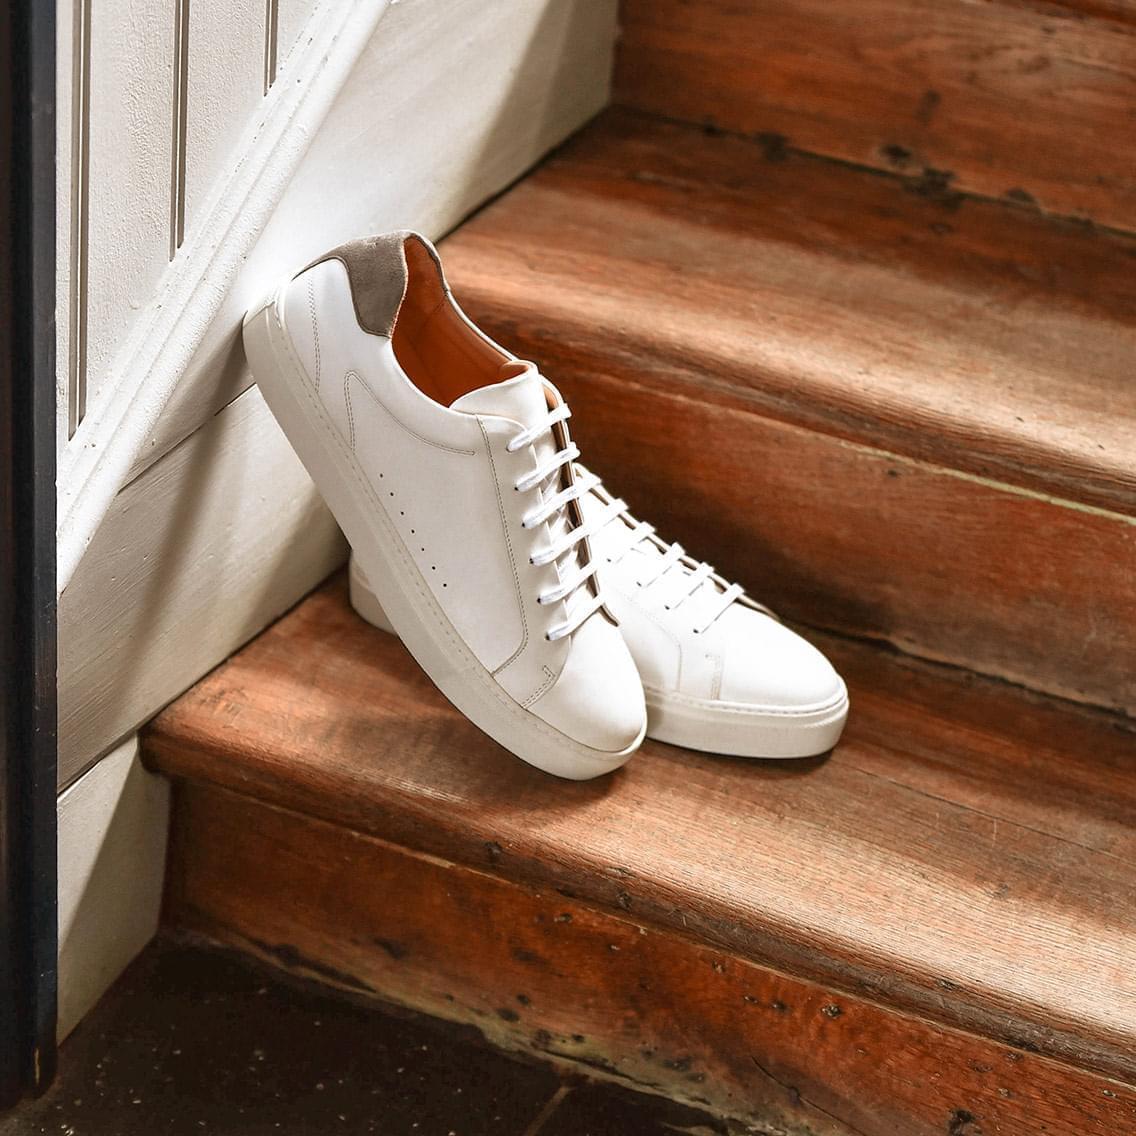 Nouveaux produits e04b1 d5969 Sneakers Chic pour Hommes : des Chaussures conçues pour ...